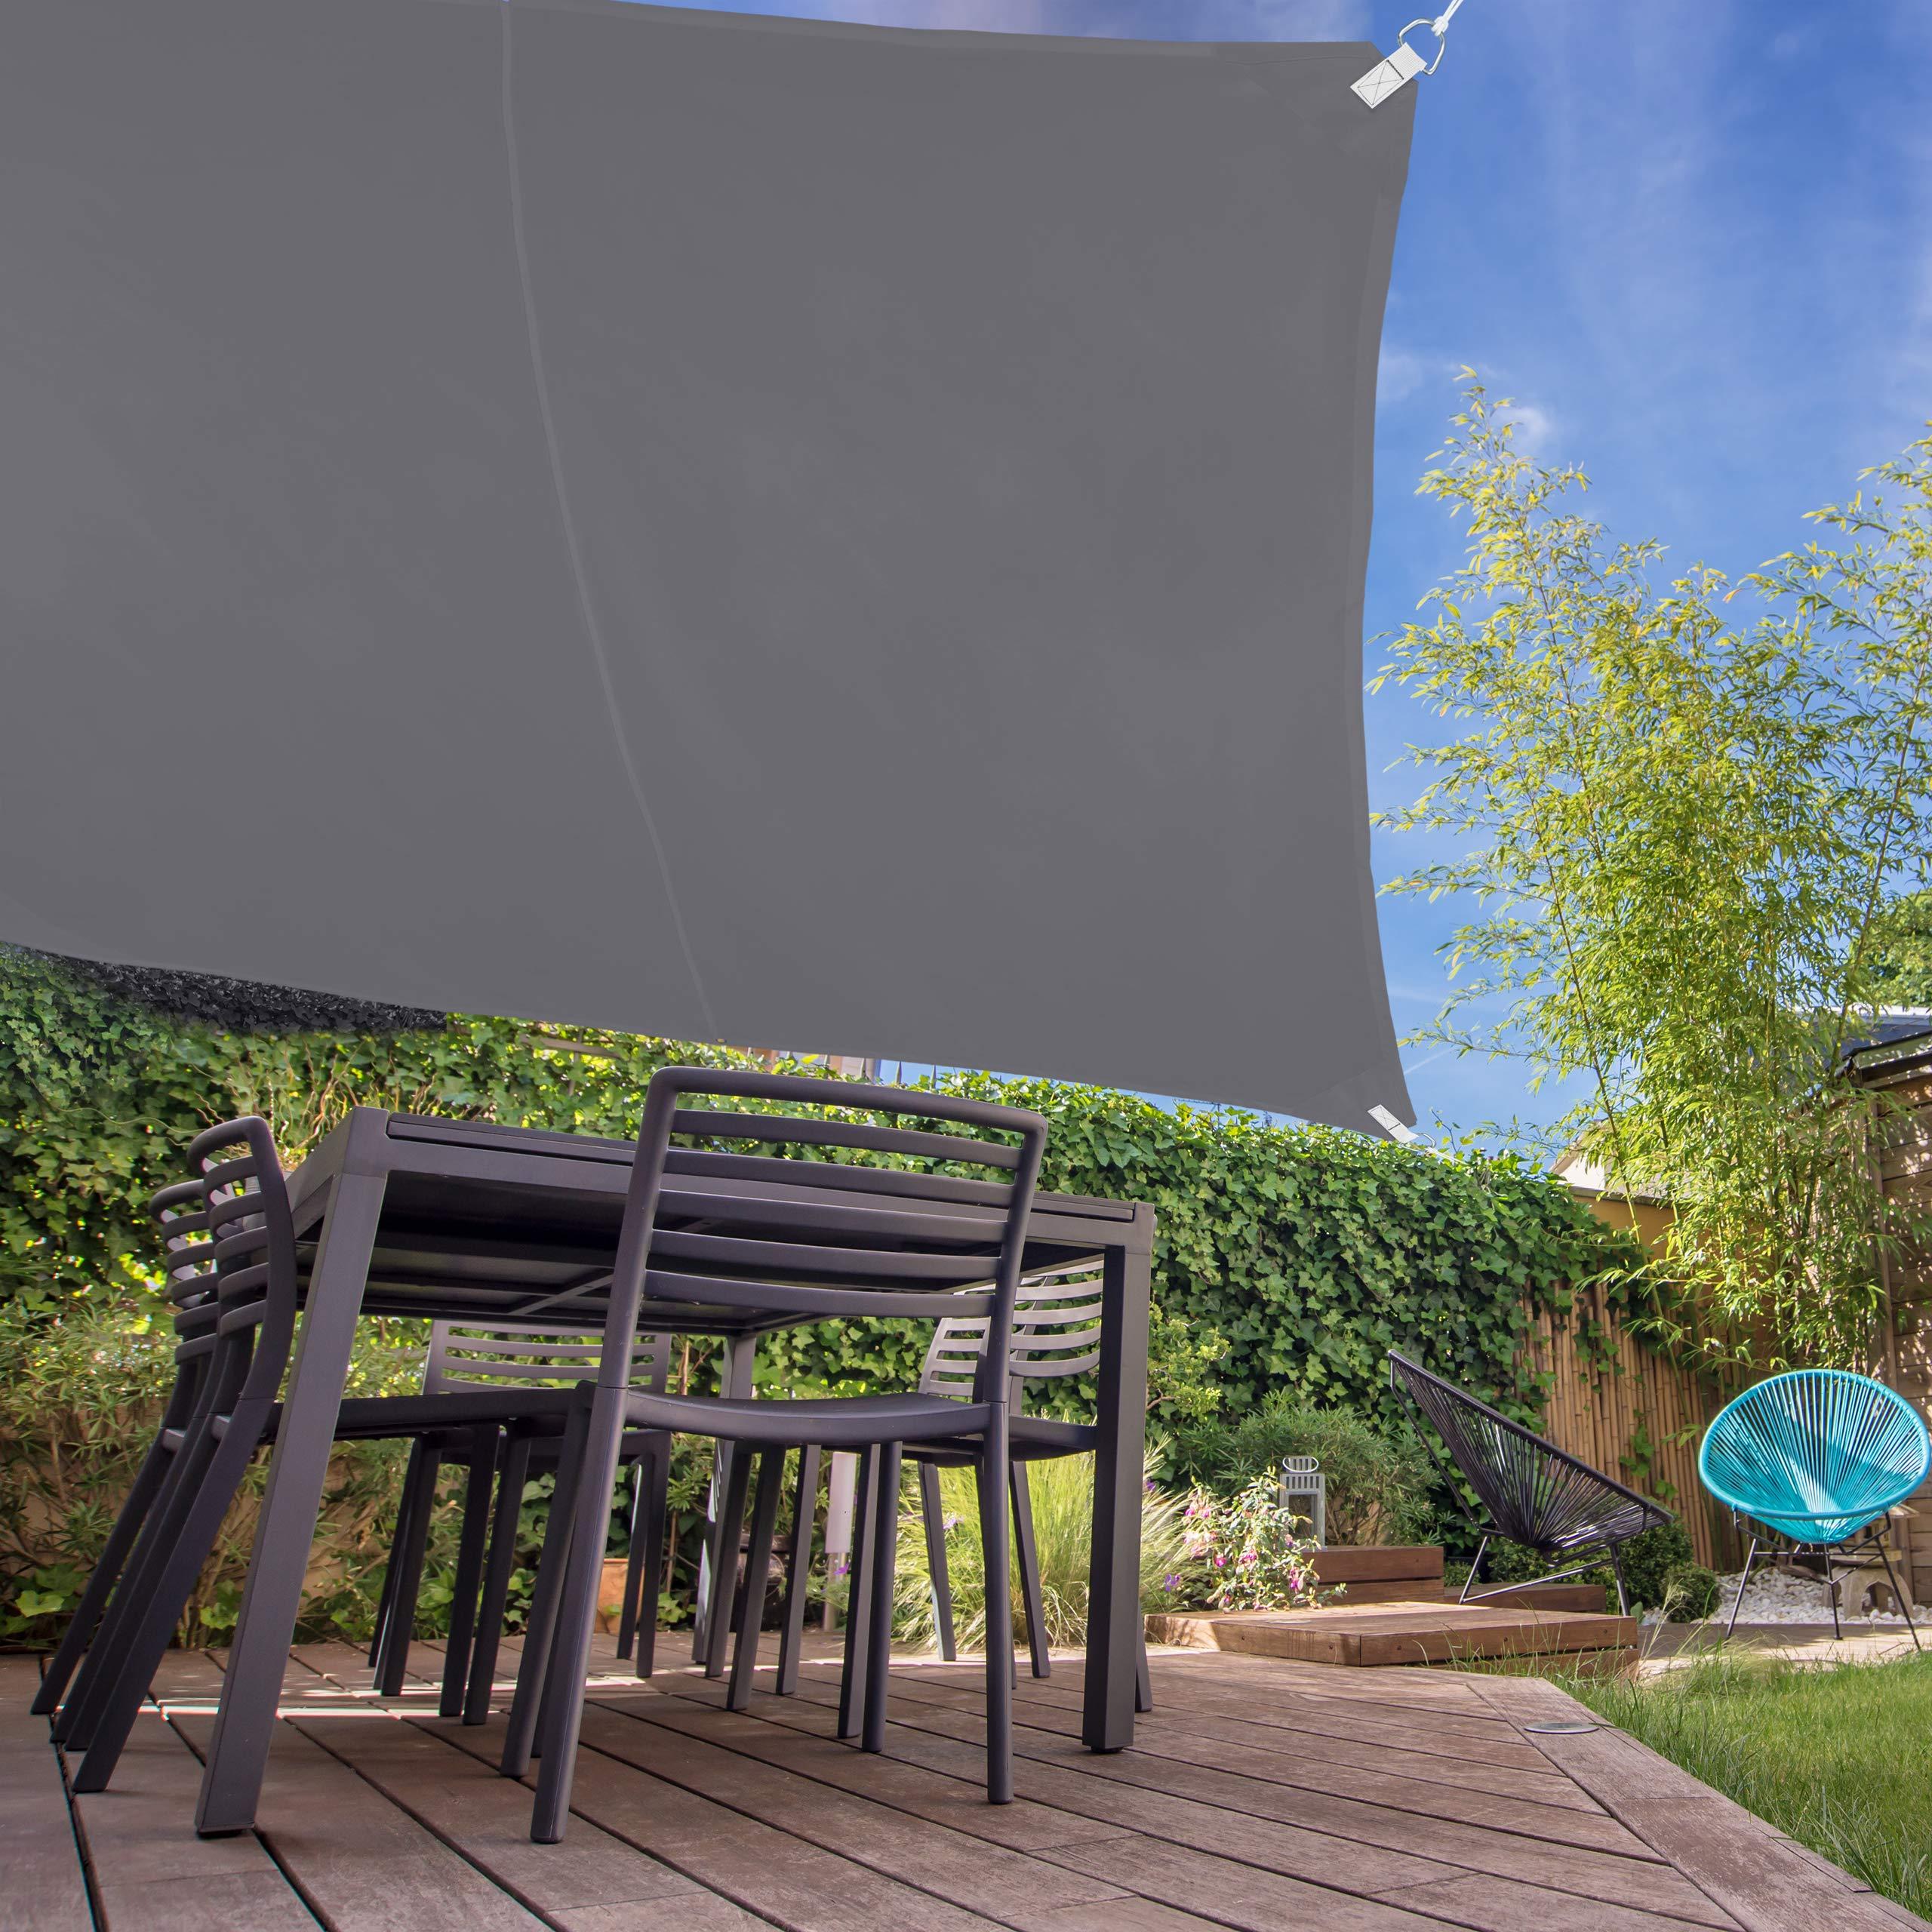 Relaxdays, Gris, Toldo Vela Cuadrado, Impermeable, Protección Rayos UV, con Cuerdas para tensar, 5 x 5 cm: Amazon.es: Jardín